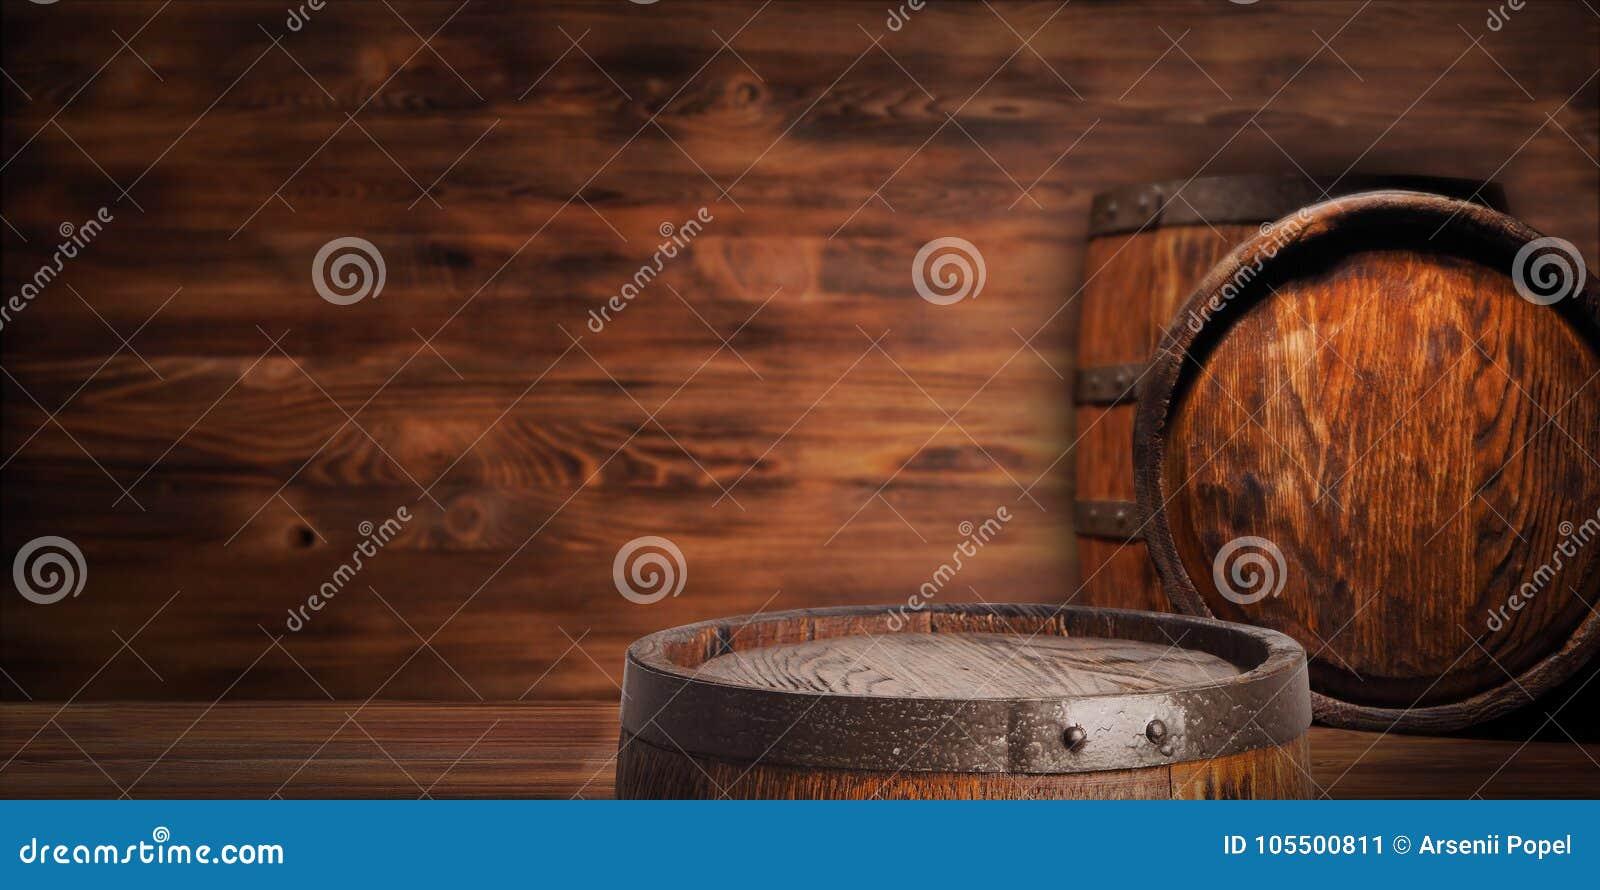 Αγροτικό ξύλινο βαρέλι σε ένα υπόβαθρο νύχτας